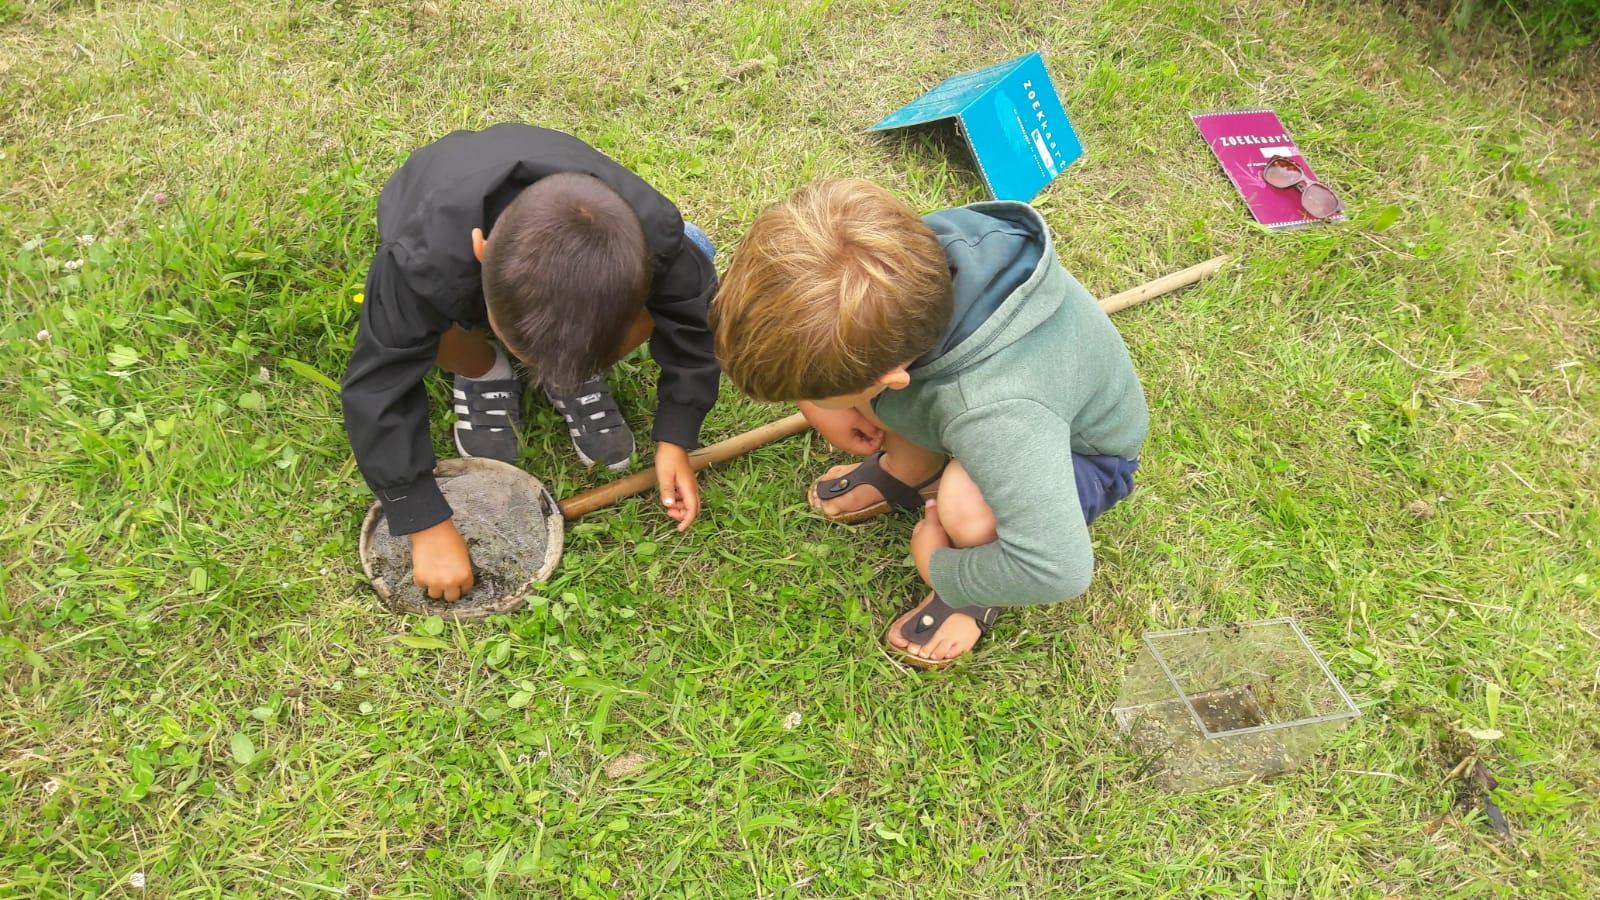 Slootbeestjes zoeken bij De Helderse Vallei. (Foto: aangeleverd)